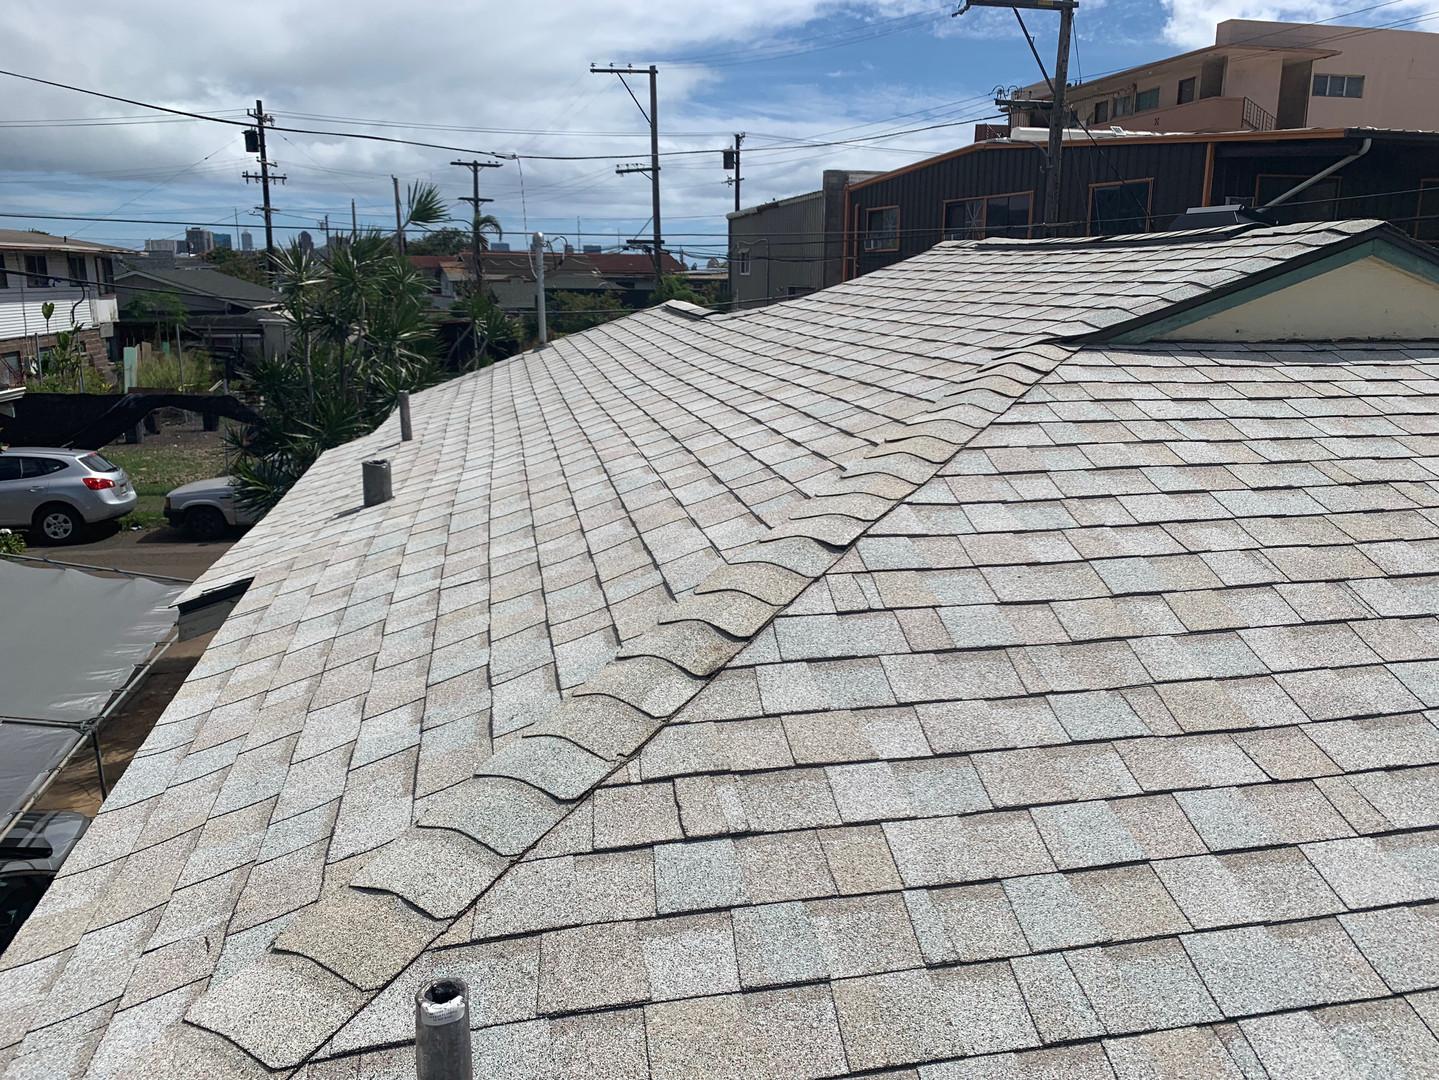 Belmonte's Roof 11.JPG